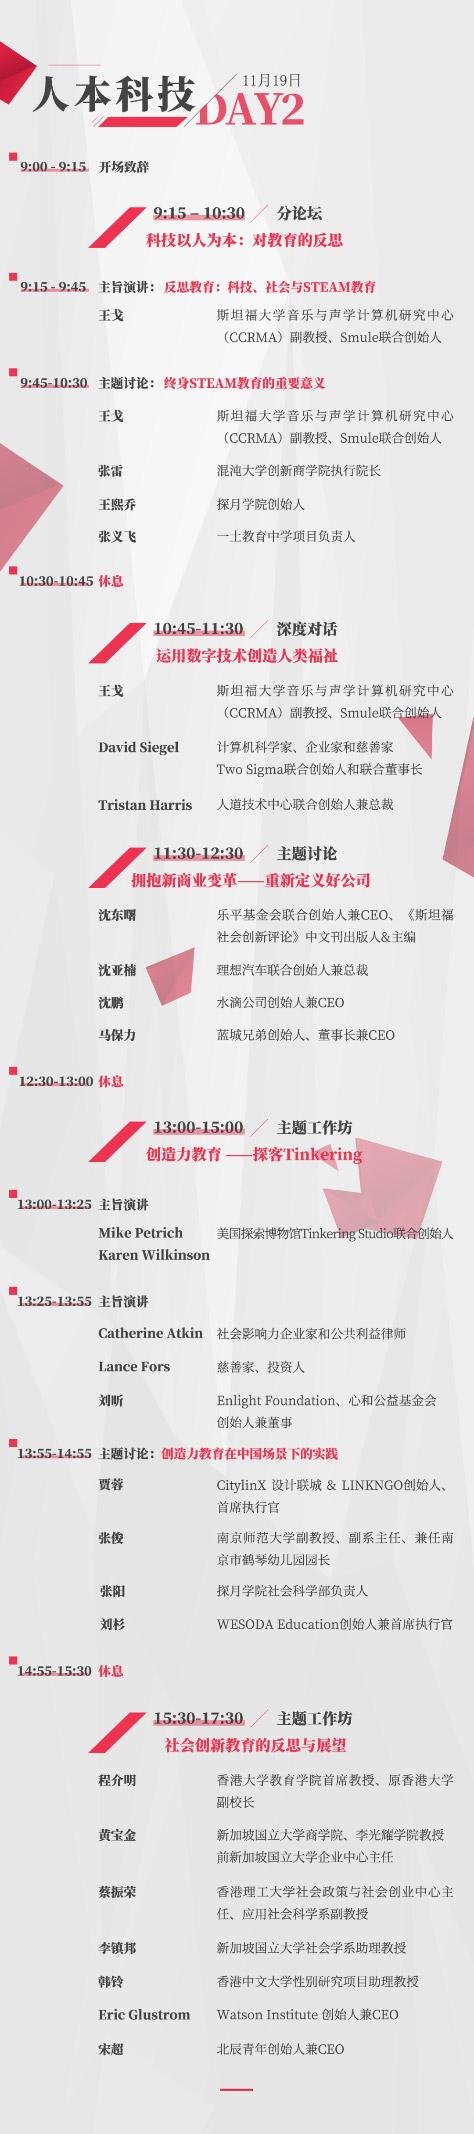 新连接创造新动能 | 2020年斯坦福中国社会创新峰会